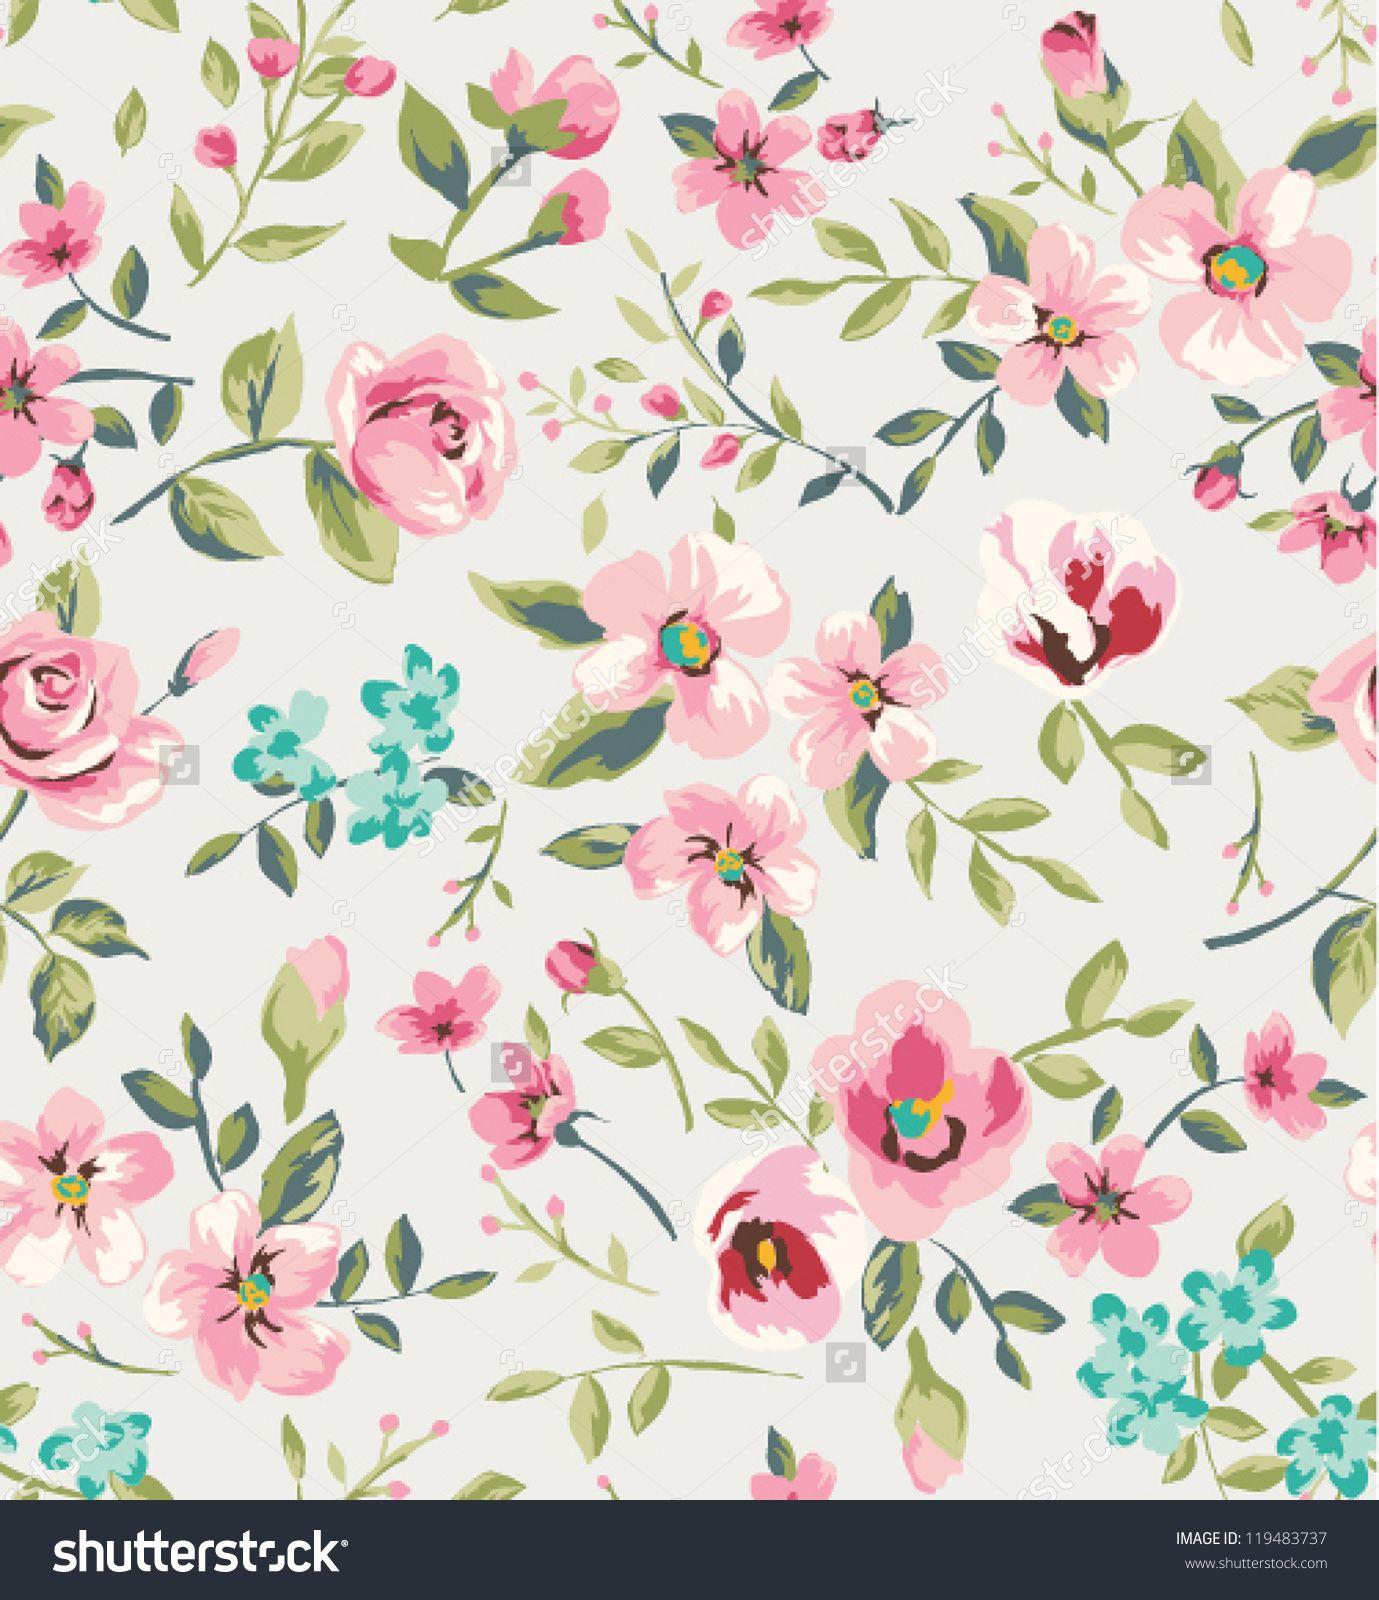 Seamless Vintage Flower Garden Pattern Background